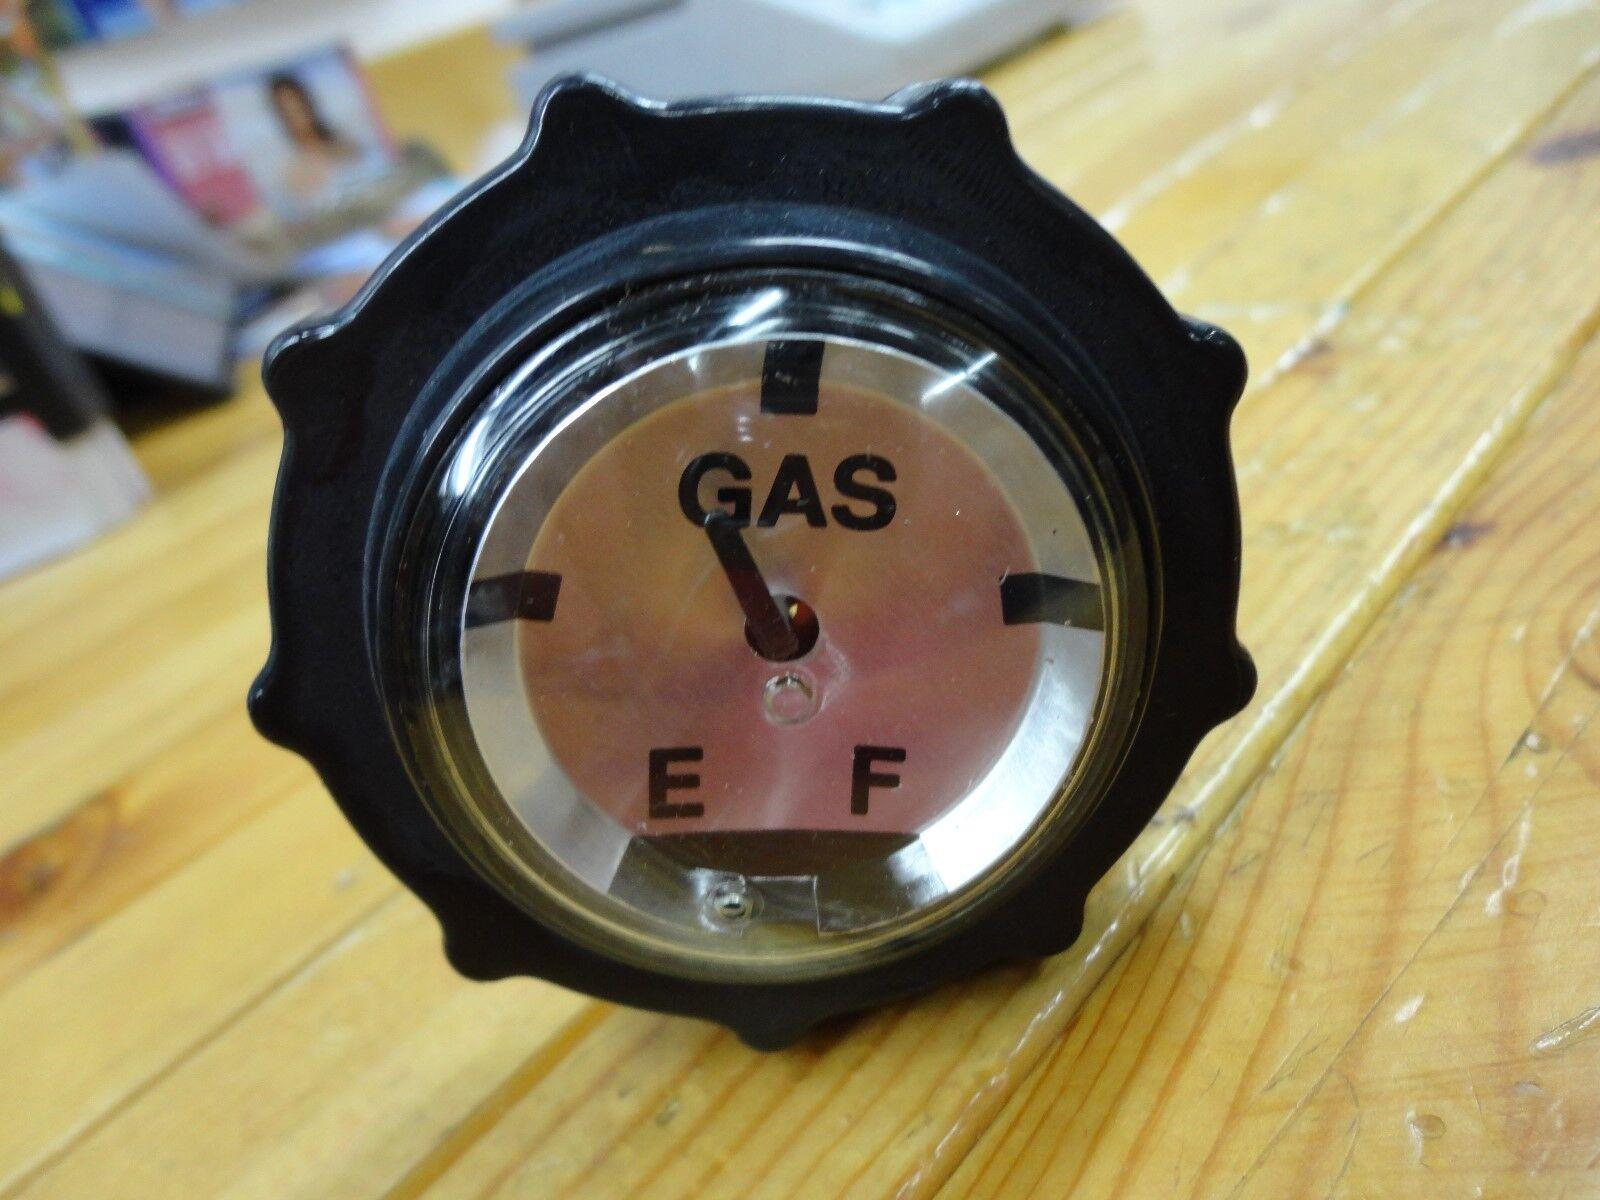 NEW KELCH 1 4 TURN BAYONET GAS CAP WITH GUAGE 7.5 INCH